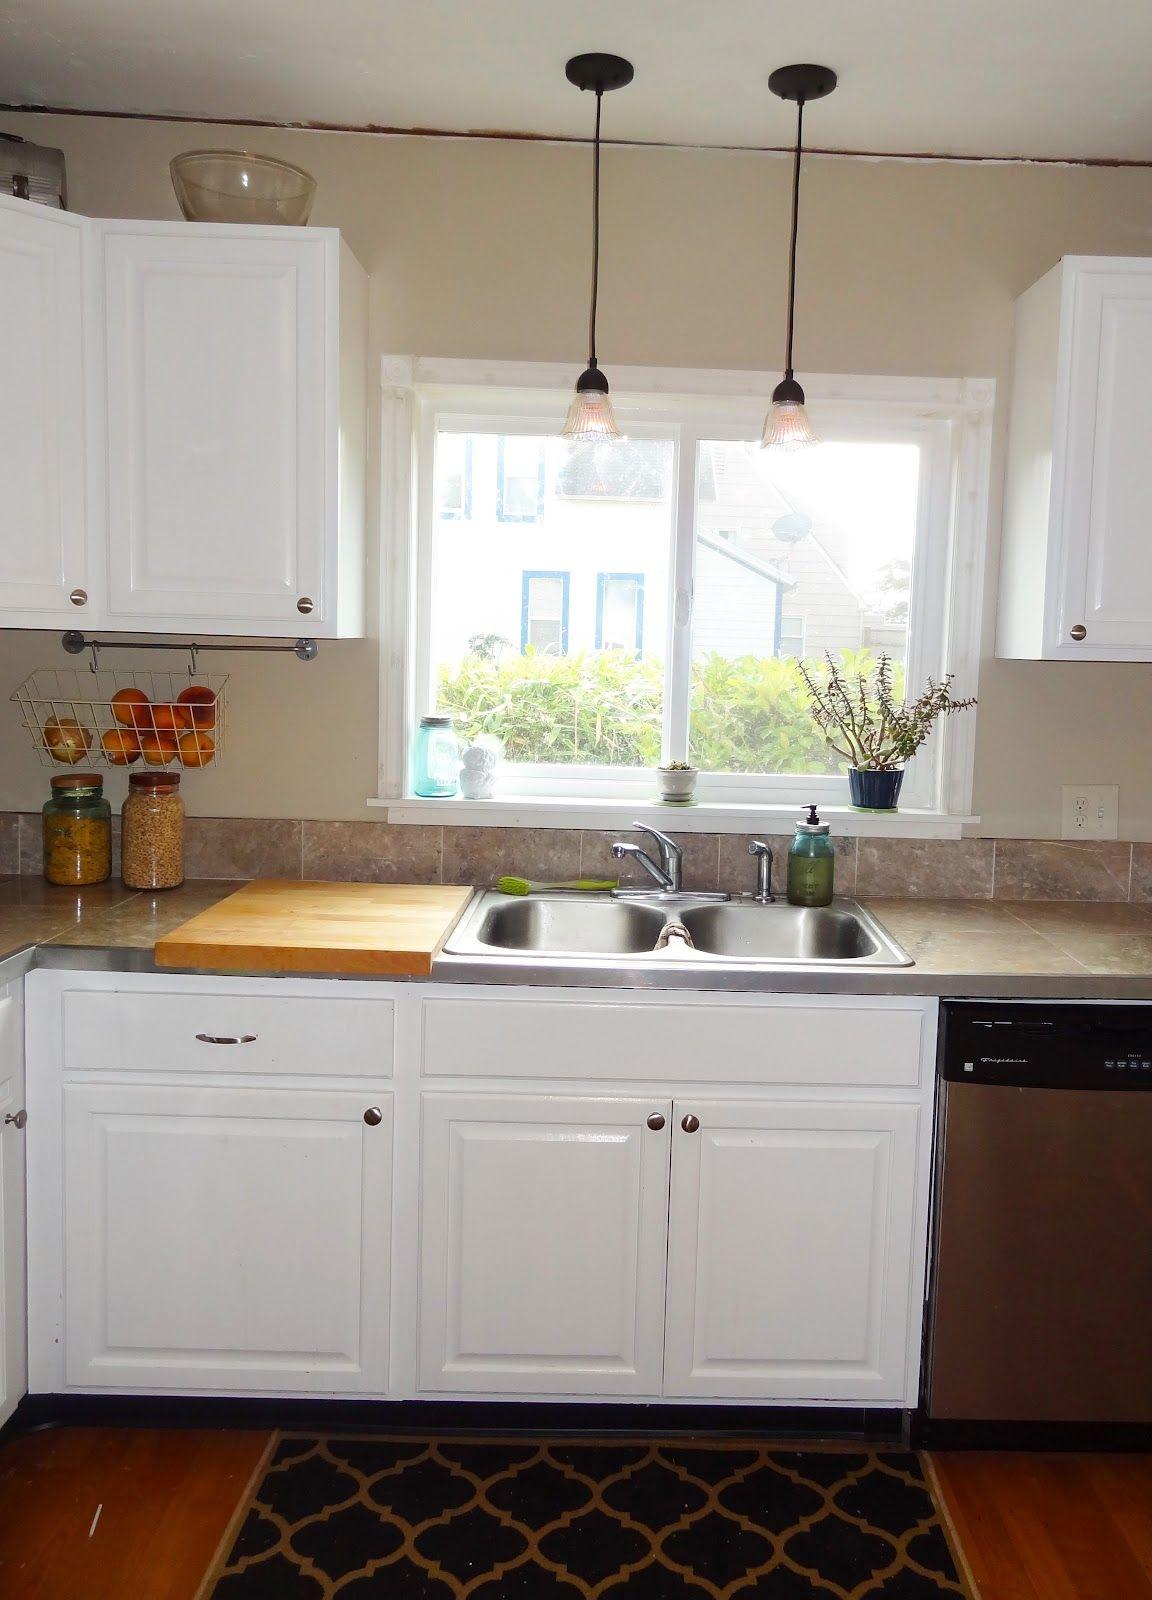 Light Over Kitchen Sink Window | http://sinhvienthienan.net ...